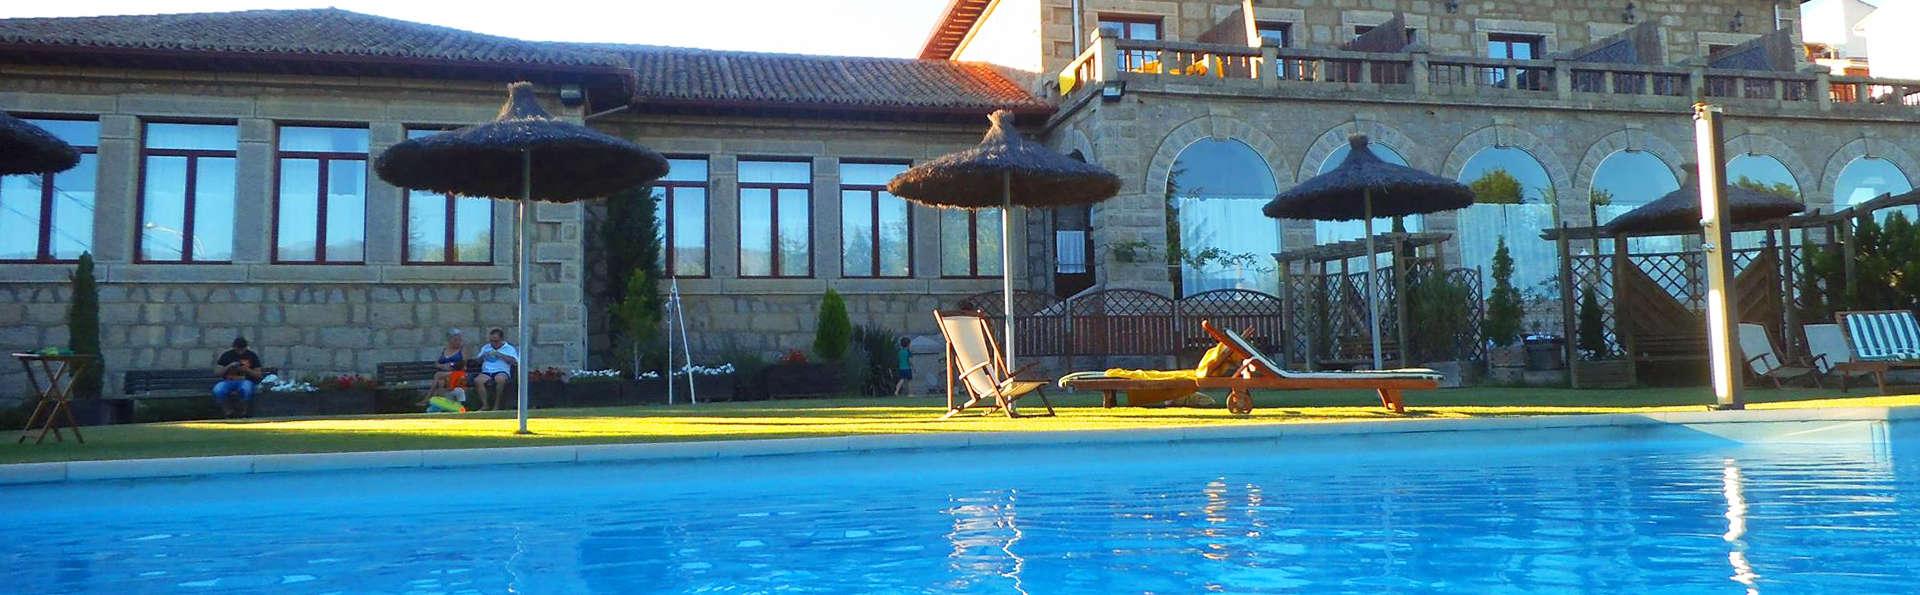 Posada Real Restaurante El Linar del Zaire - EDIT_pool.jpg